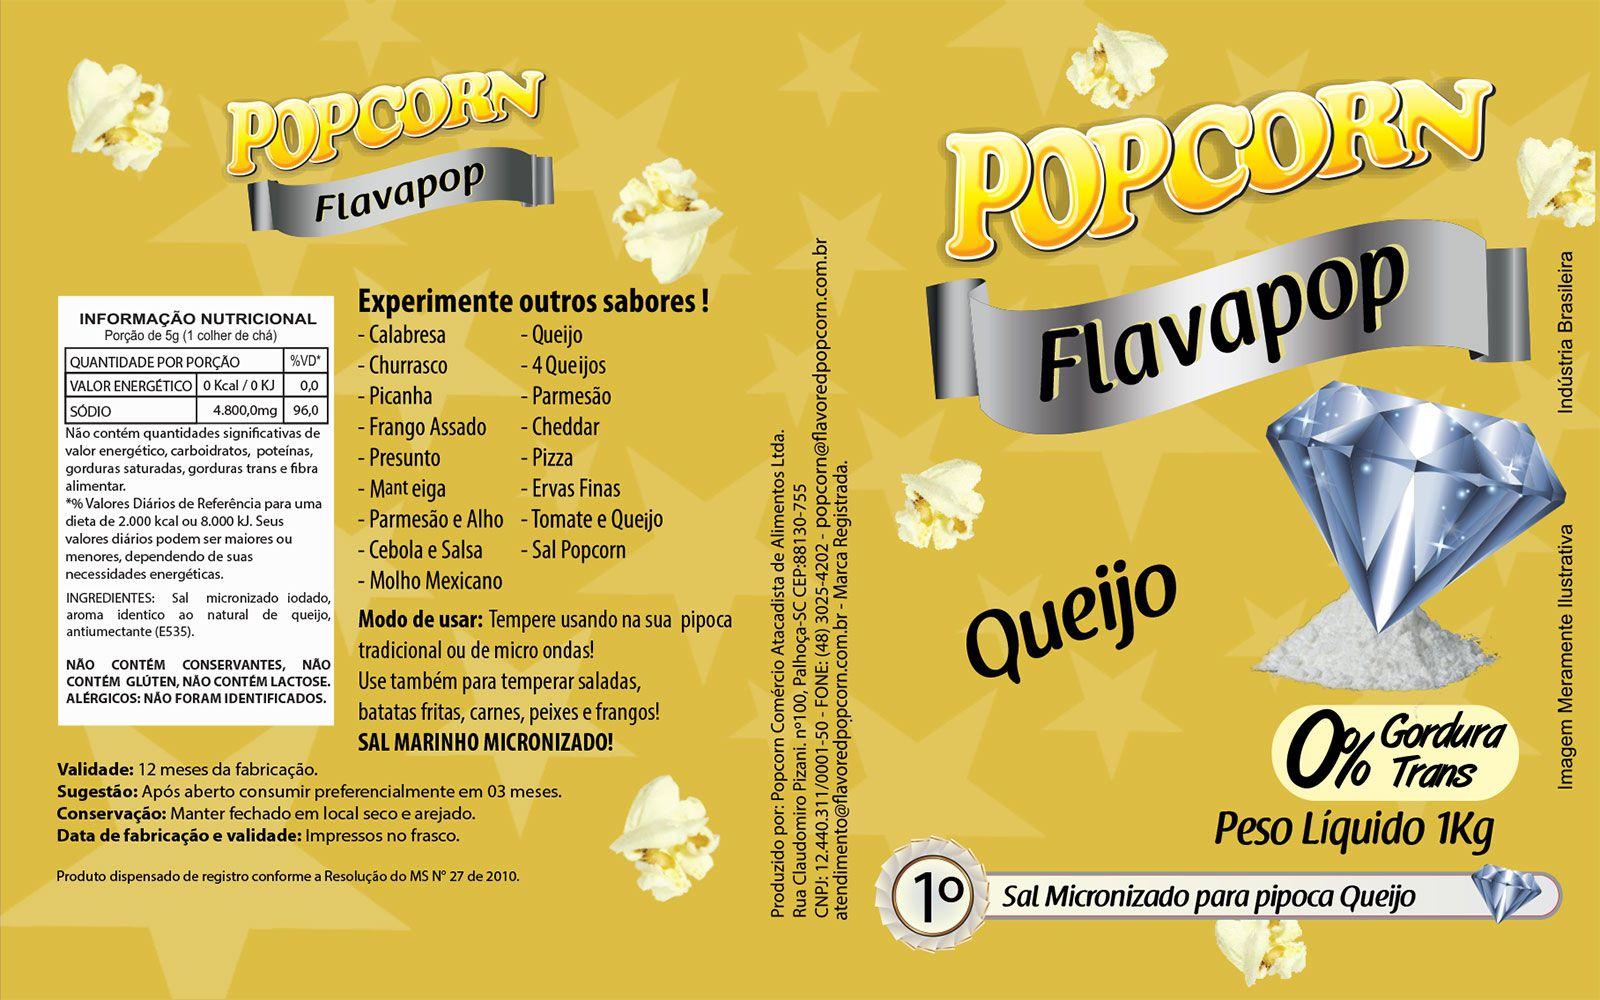 FLAVAPOP - Original de cinema -  Queijo - Micronizado Popcorn  - Pct 1kg